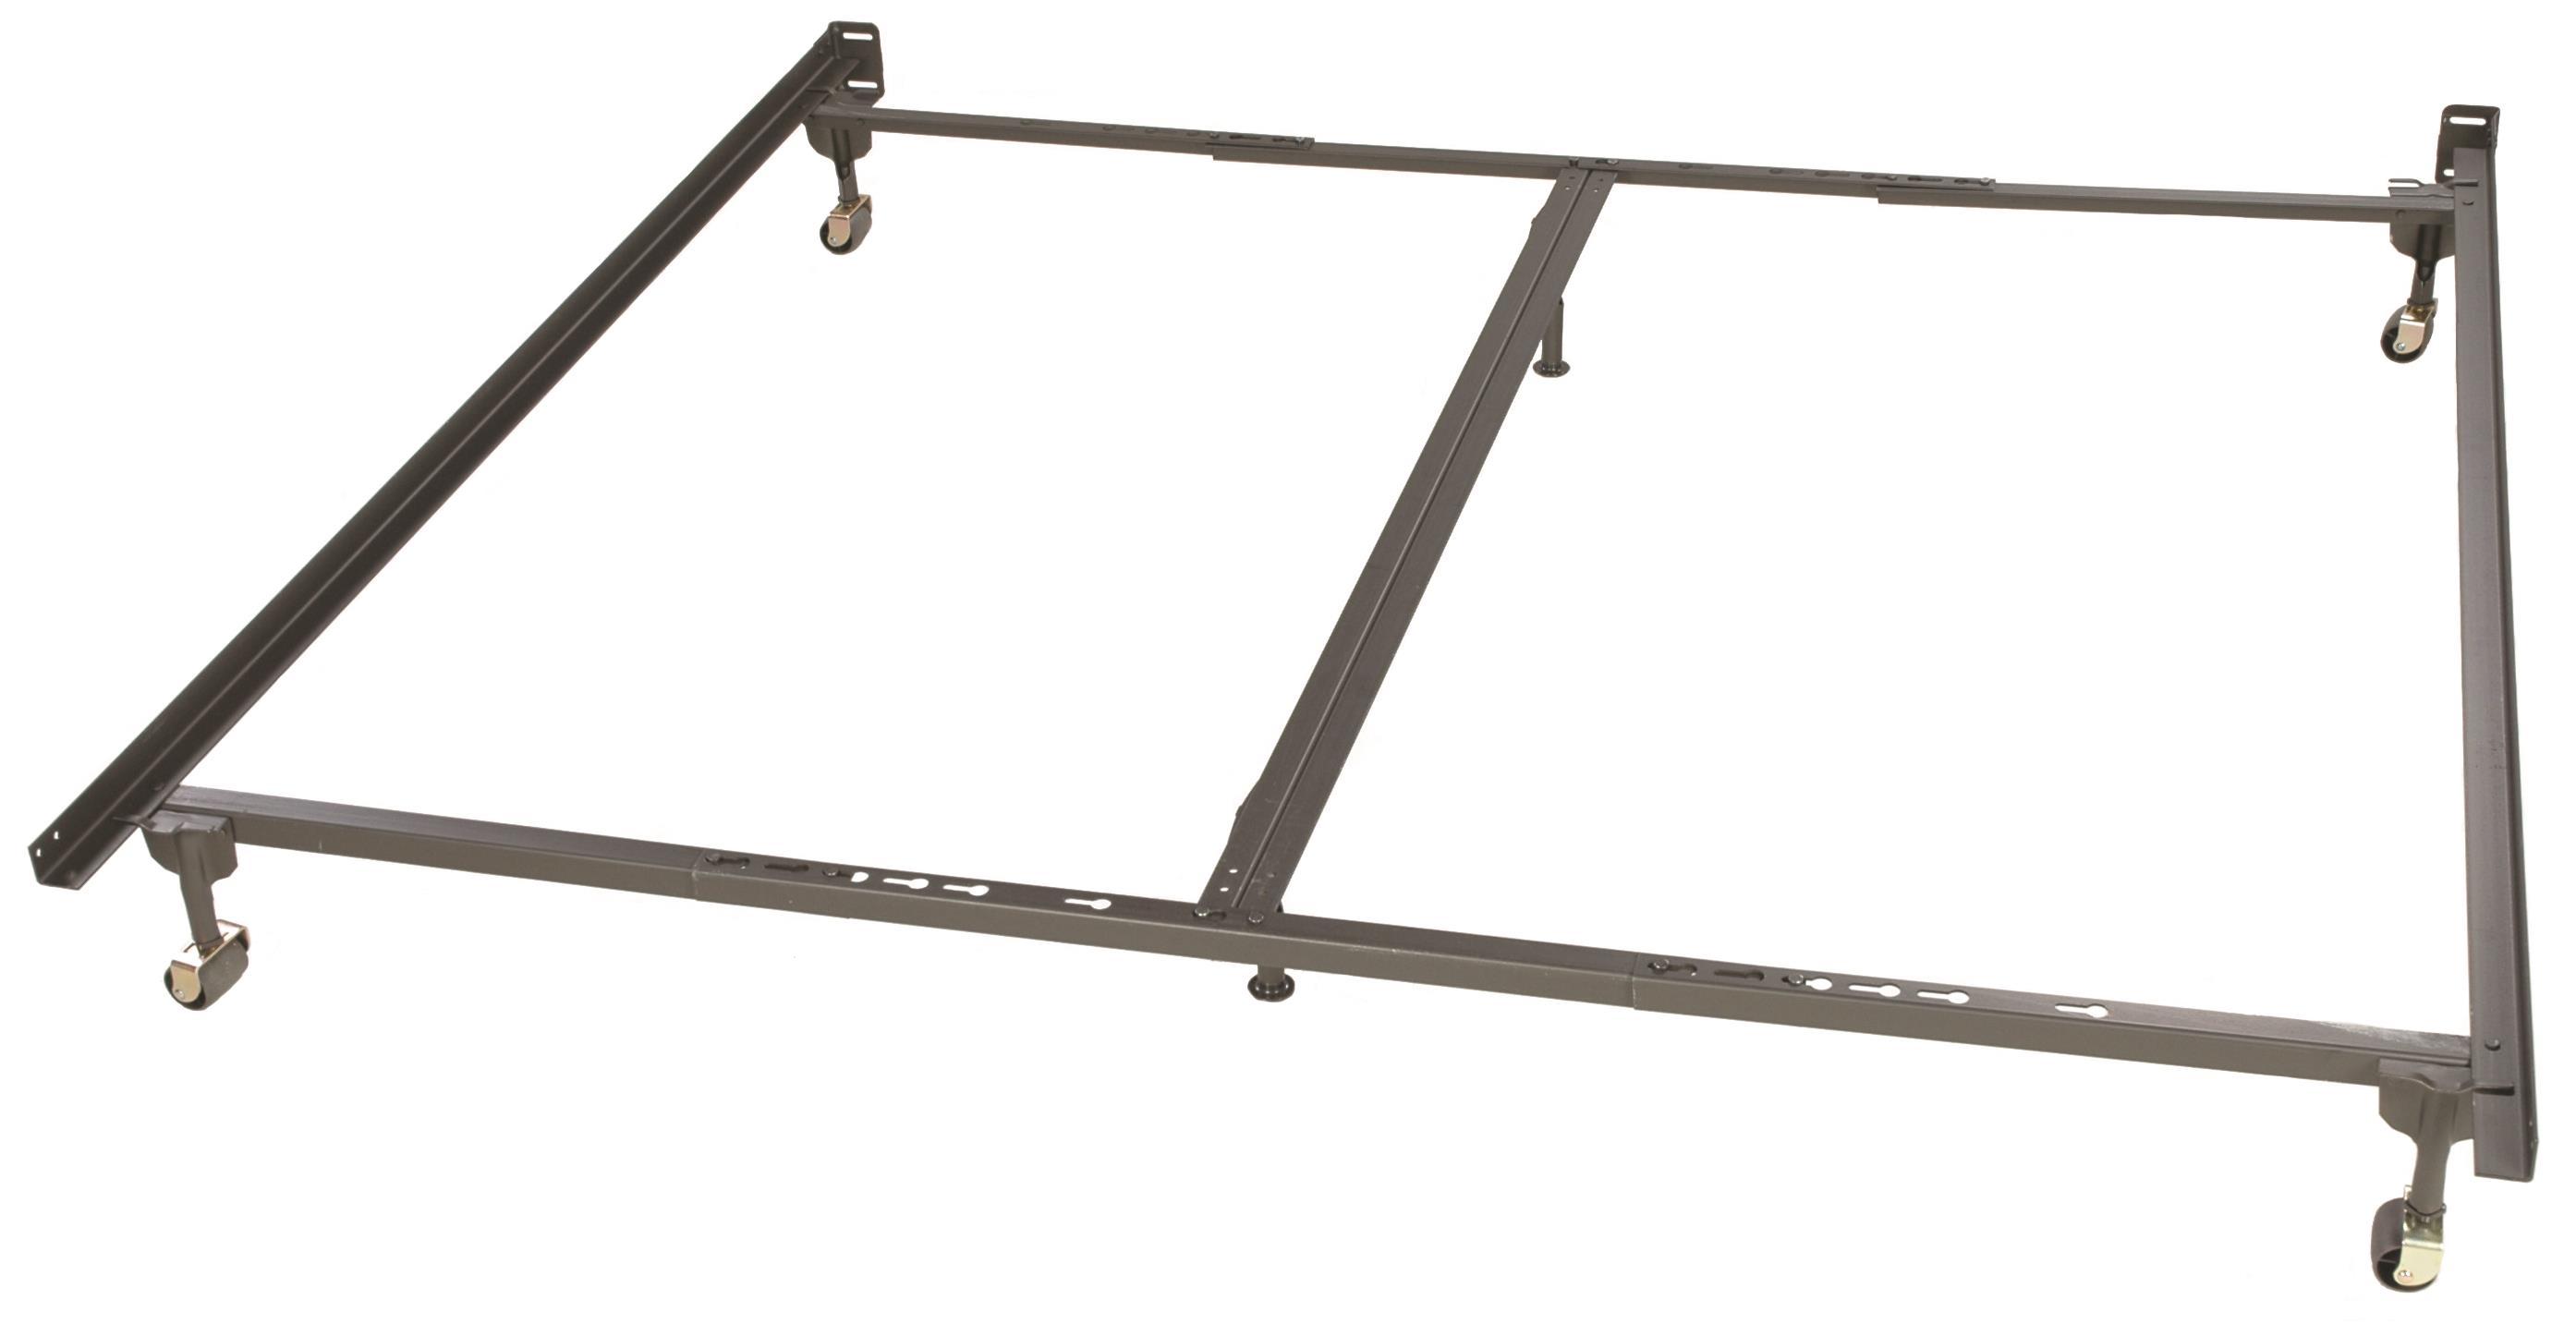 6 Leg Q/K/CK Rug Roller Frame